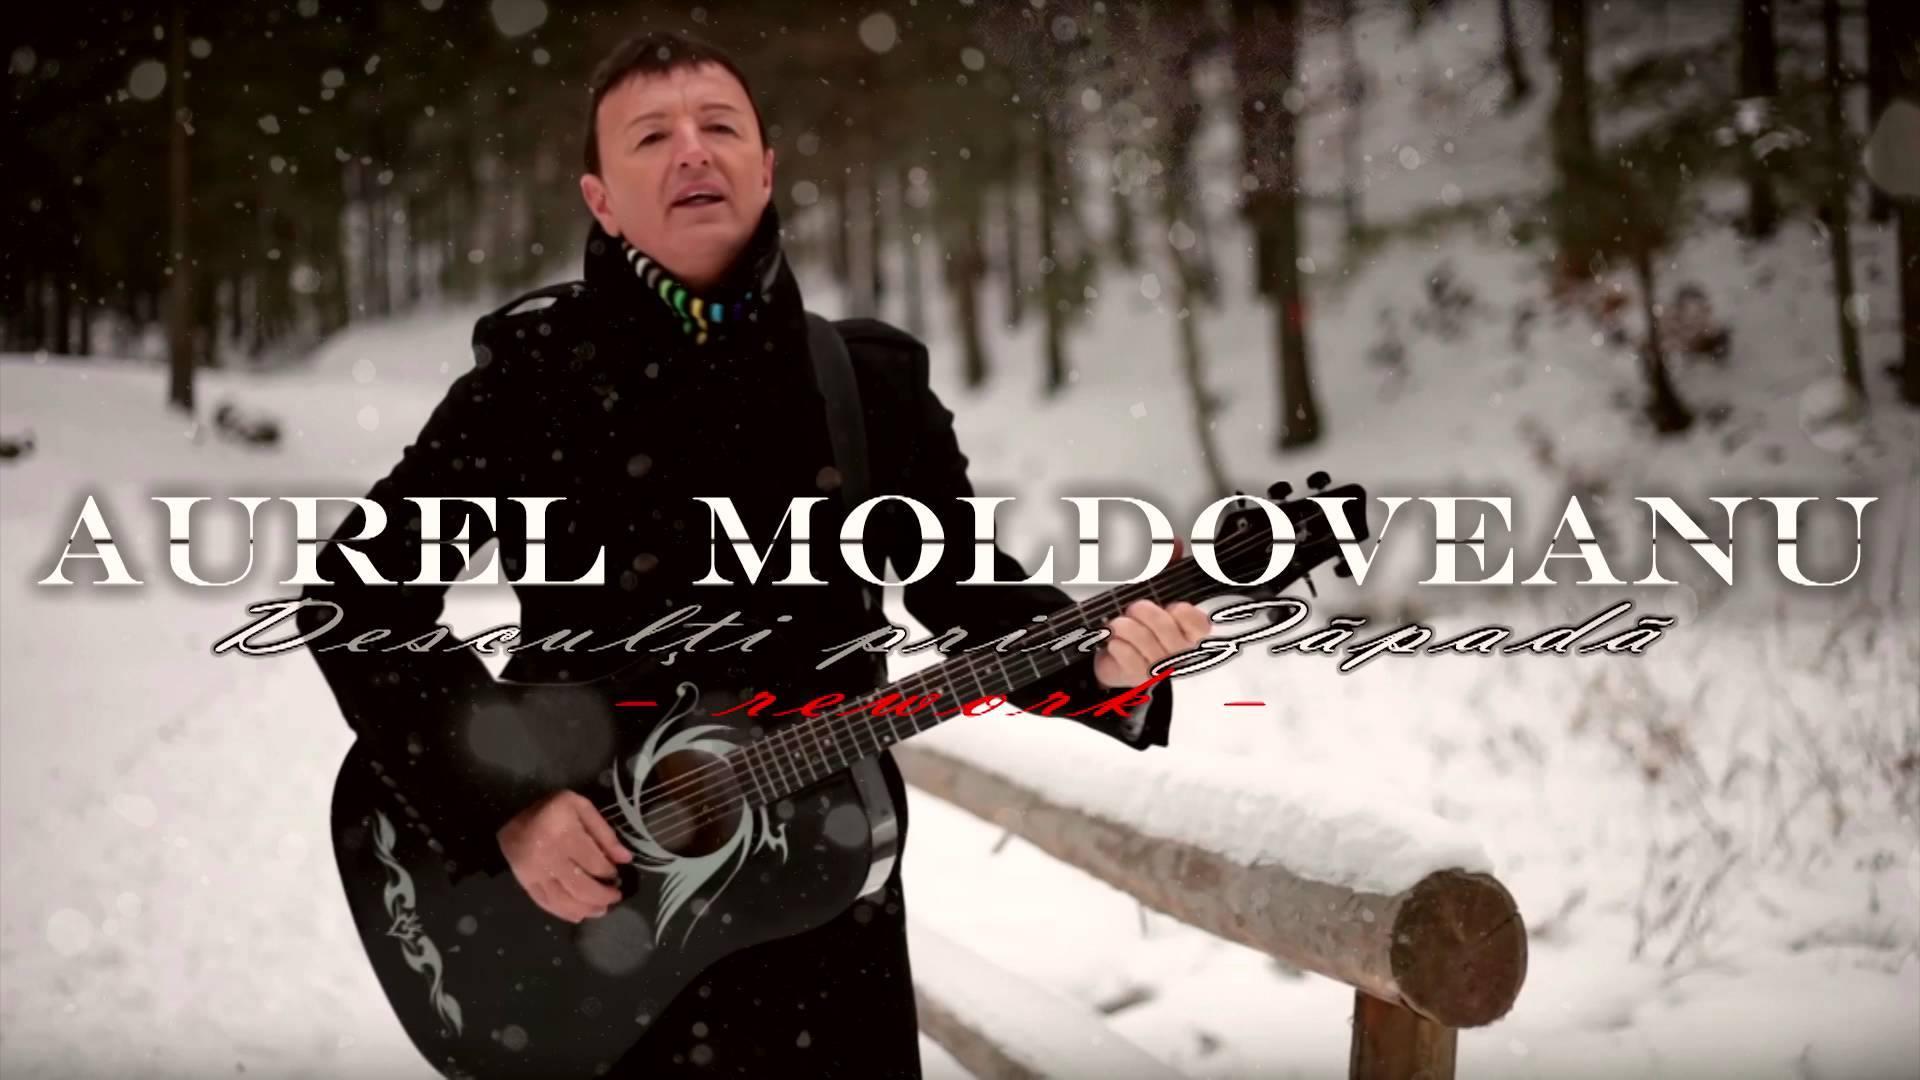 EXCLUSIV/ Aurel Moldoveanu, turneu de colinde cu ganterele în portbagaj